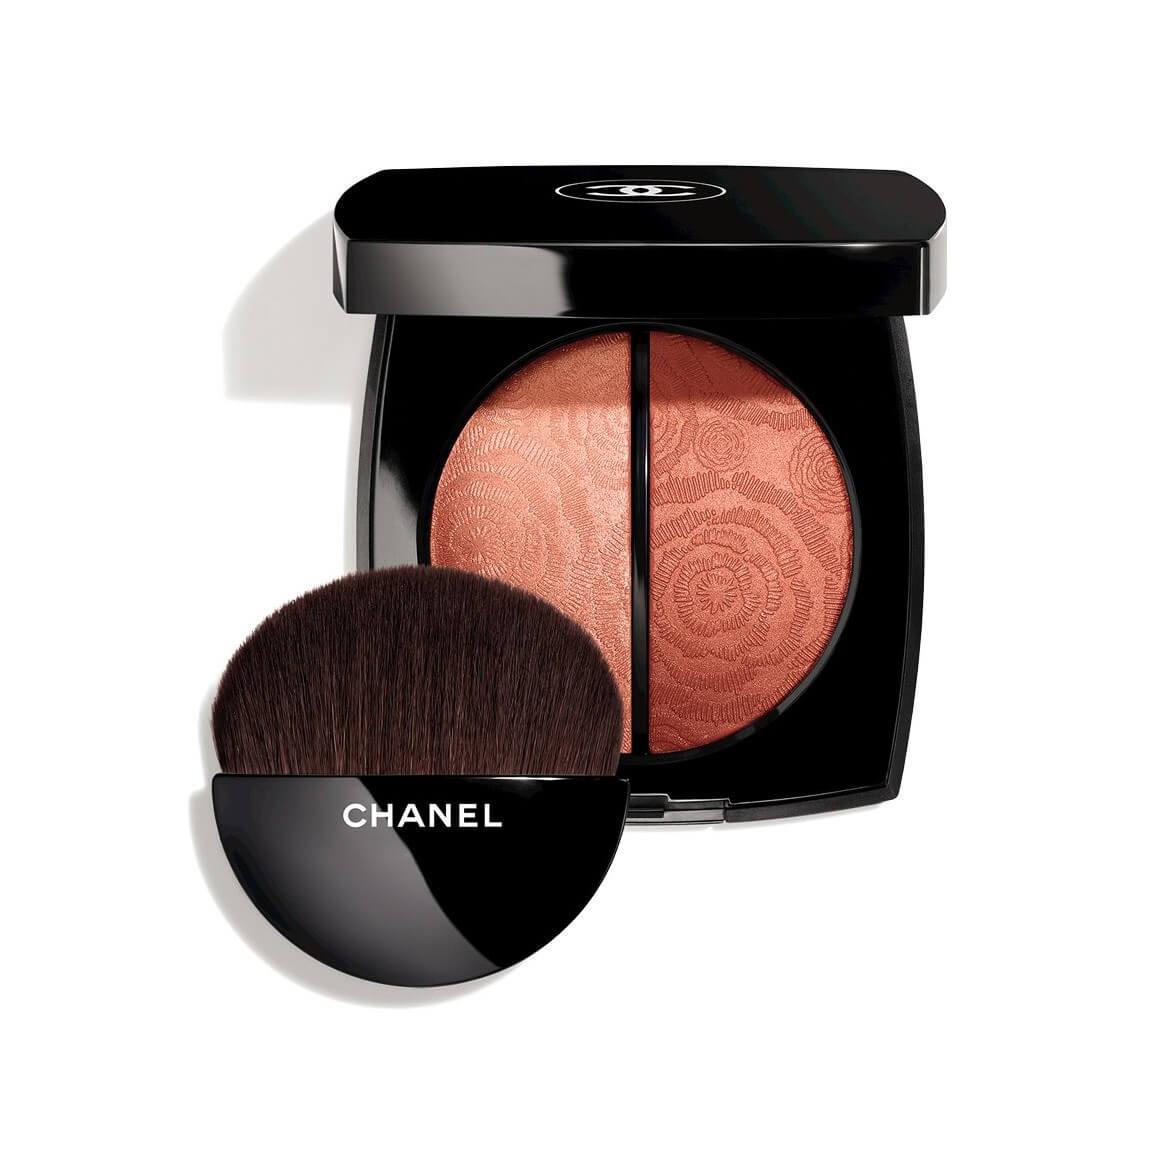 CHANEL Makeup Spring Summer 2021